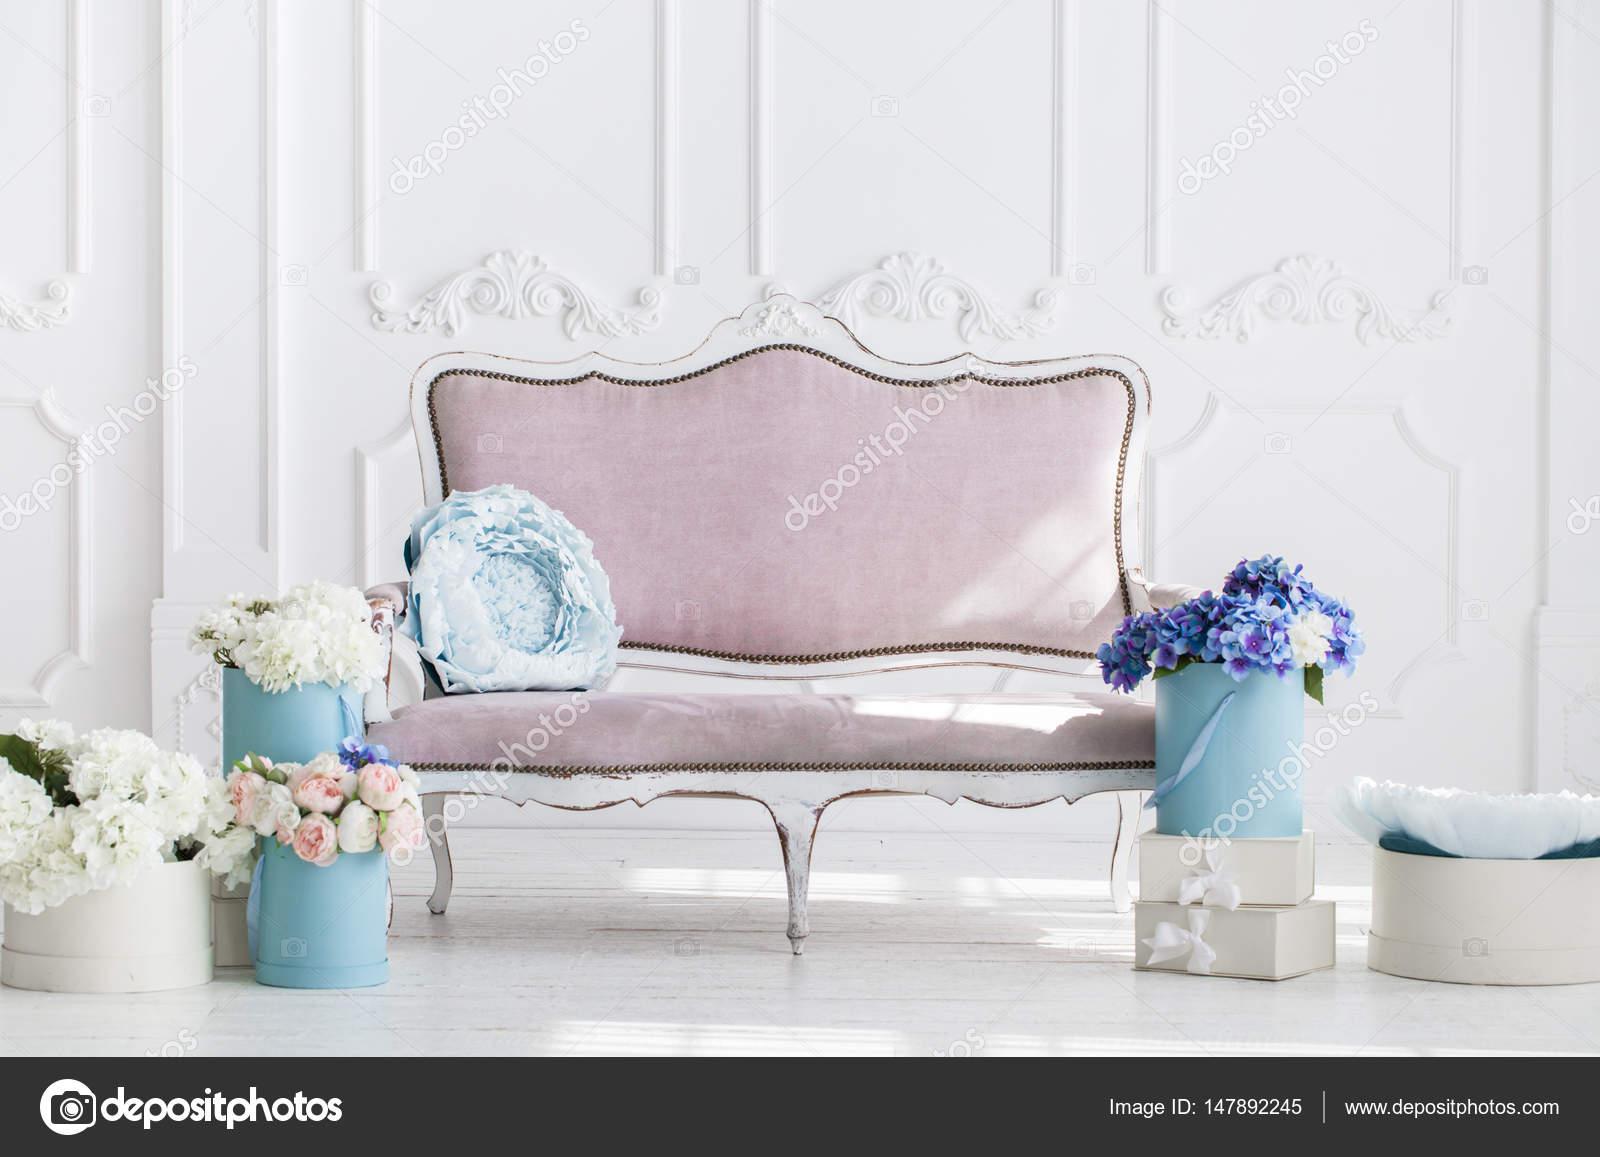 Minimalistische Einrichtung In Pastellfarben U2014 Stockfoto